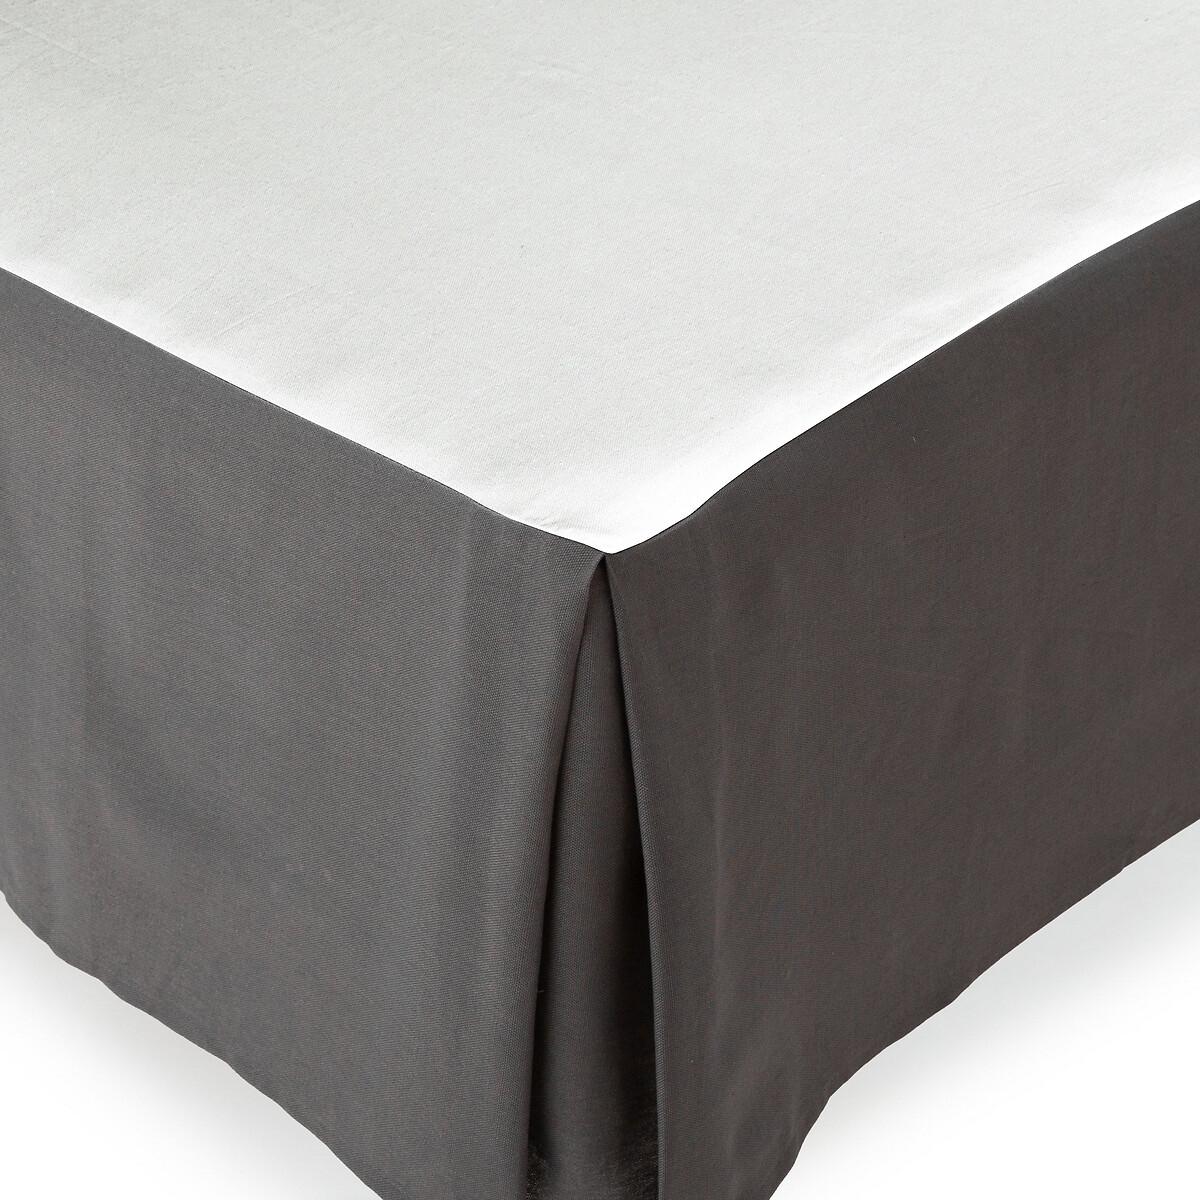 Наматрасник LaRedoute На кроватное основание 100 биохлопок Akao 180 x 200 см серый кровать laredoute numa 160 x 200 см серый